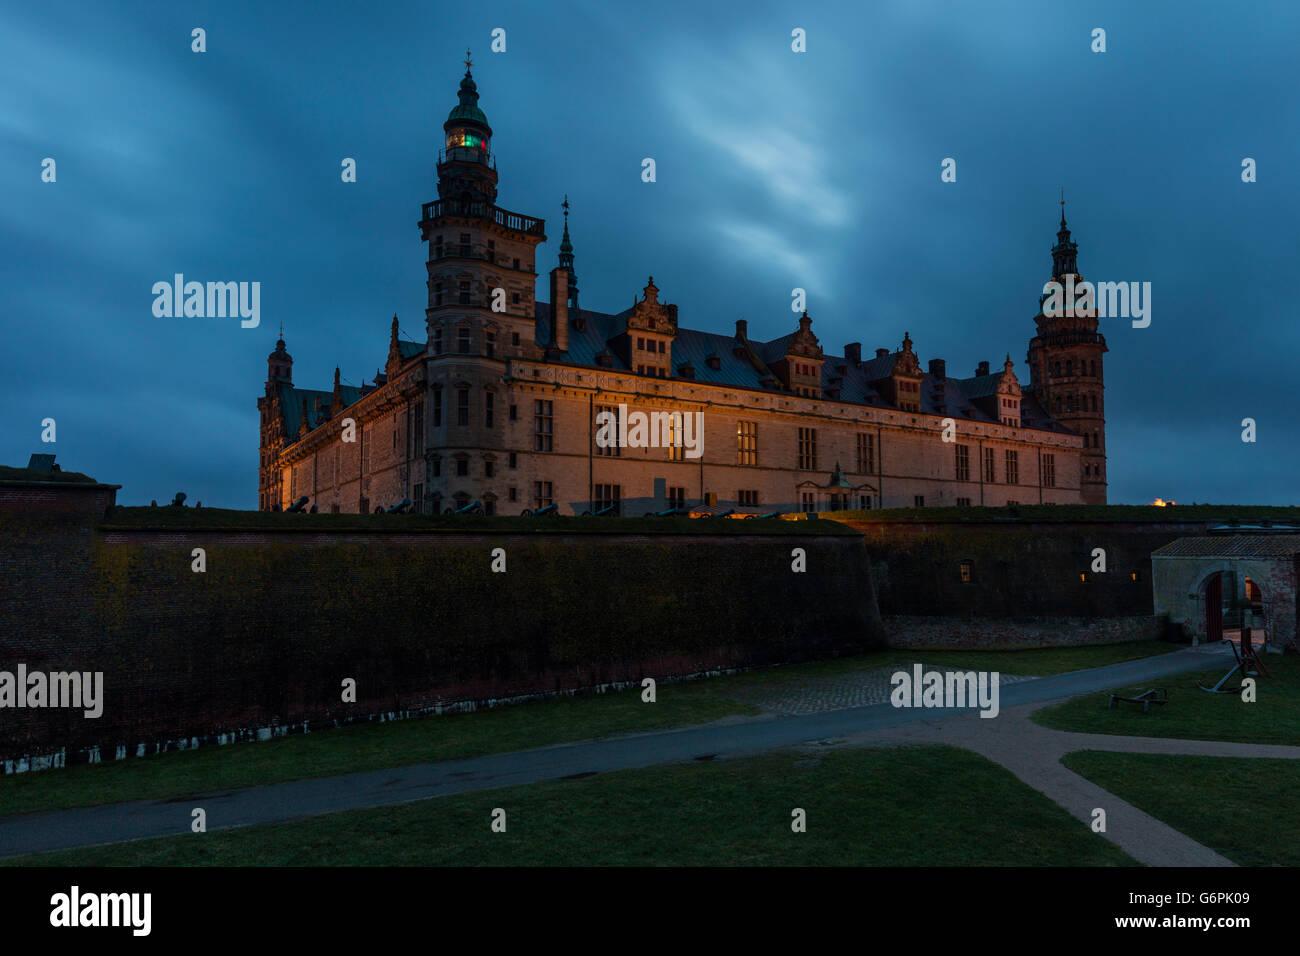 Kronborg Castillo por la noche. Kronborg i situado en Helsingor, Dinamarca Foto de stock